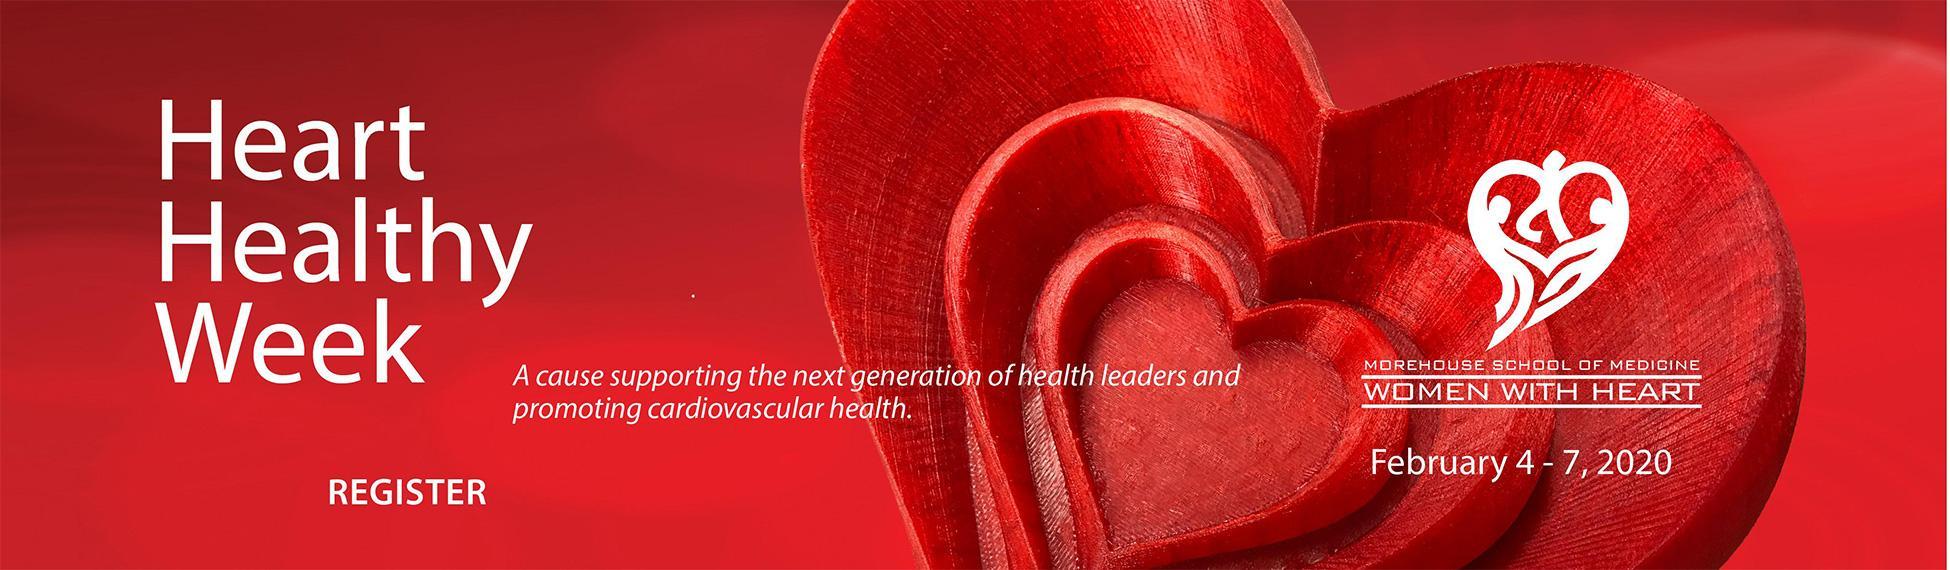 Heart Healthy Week, February 4 - 7, 2020